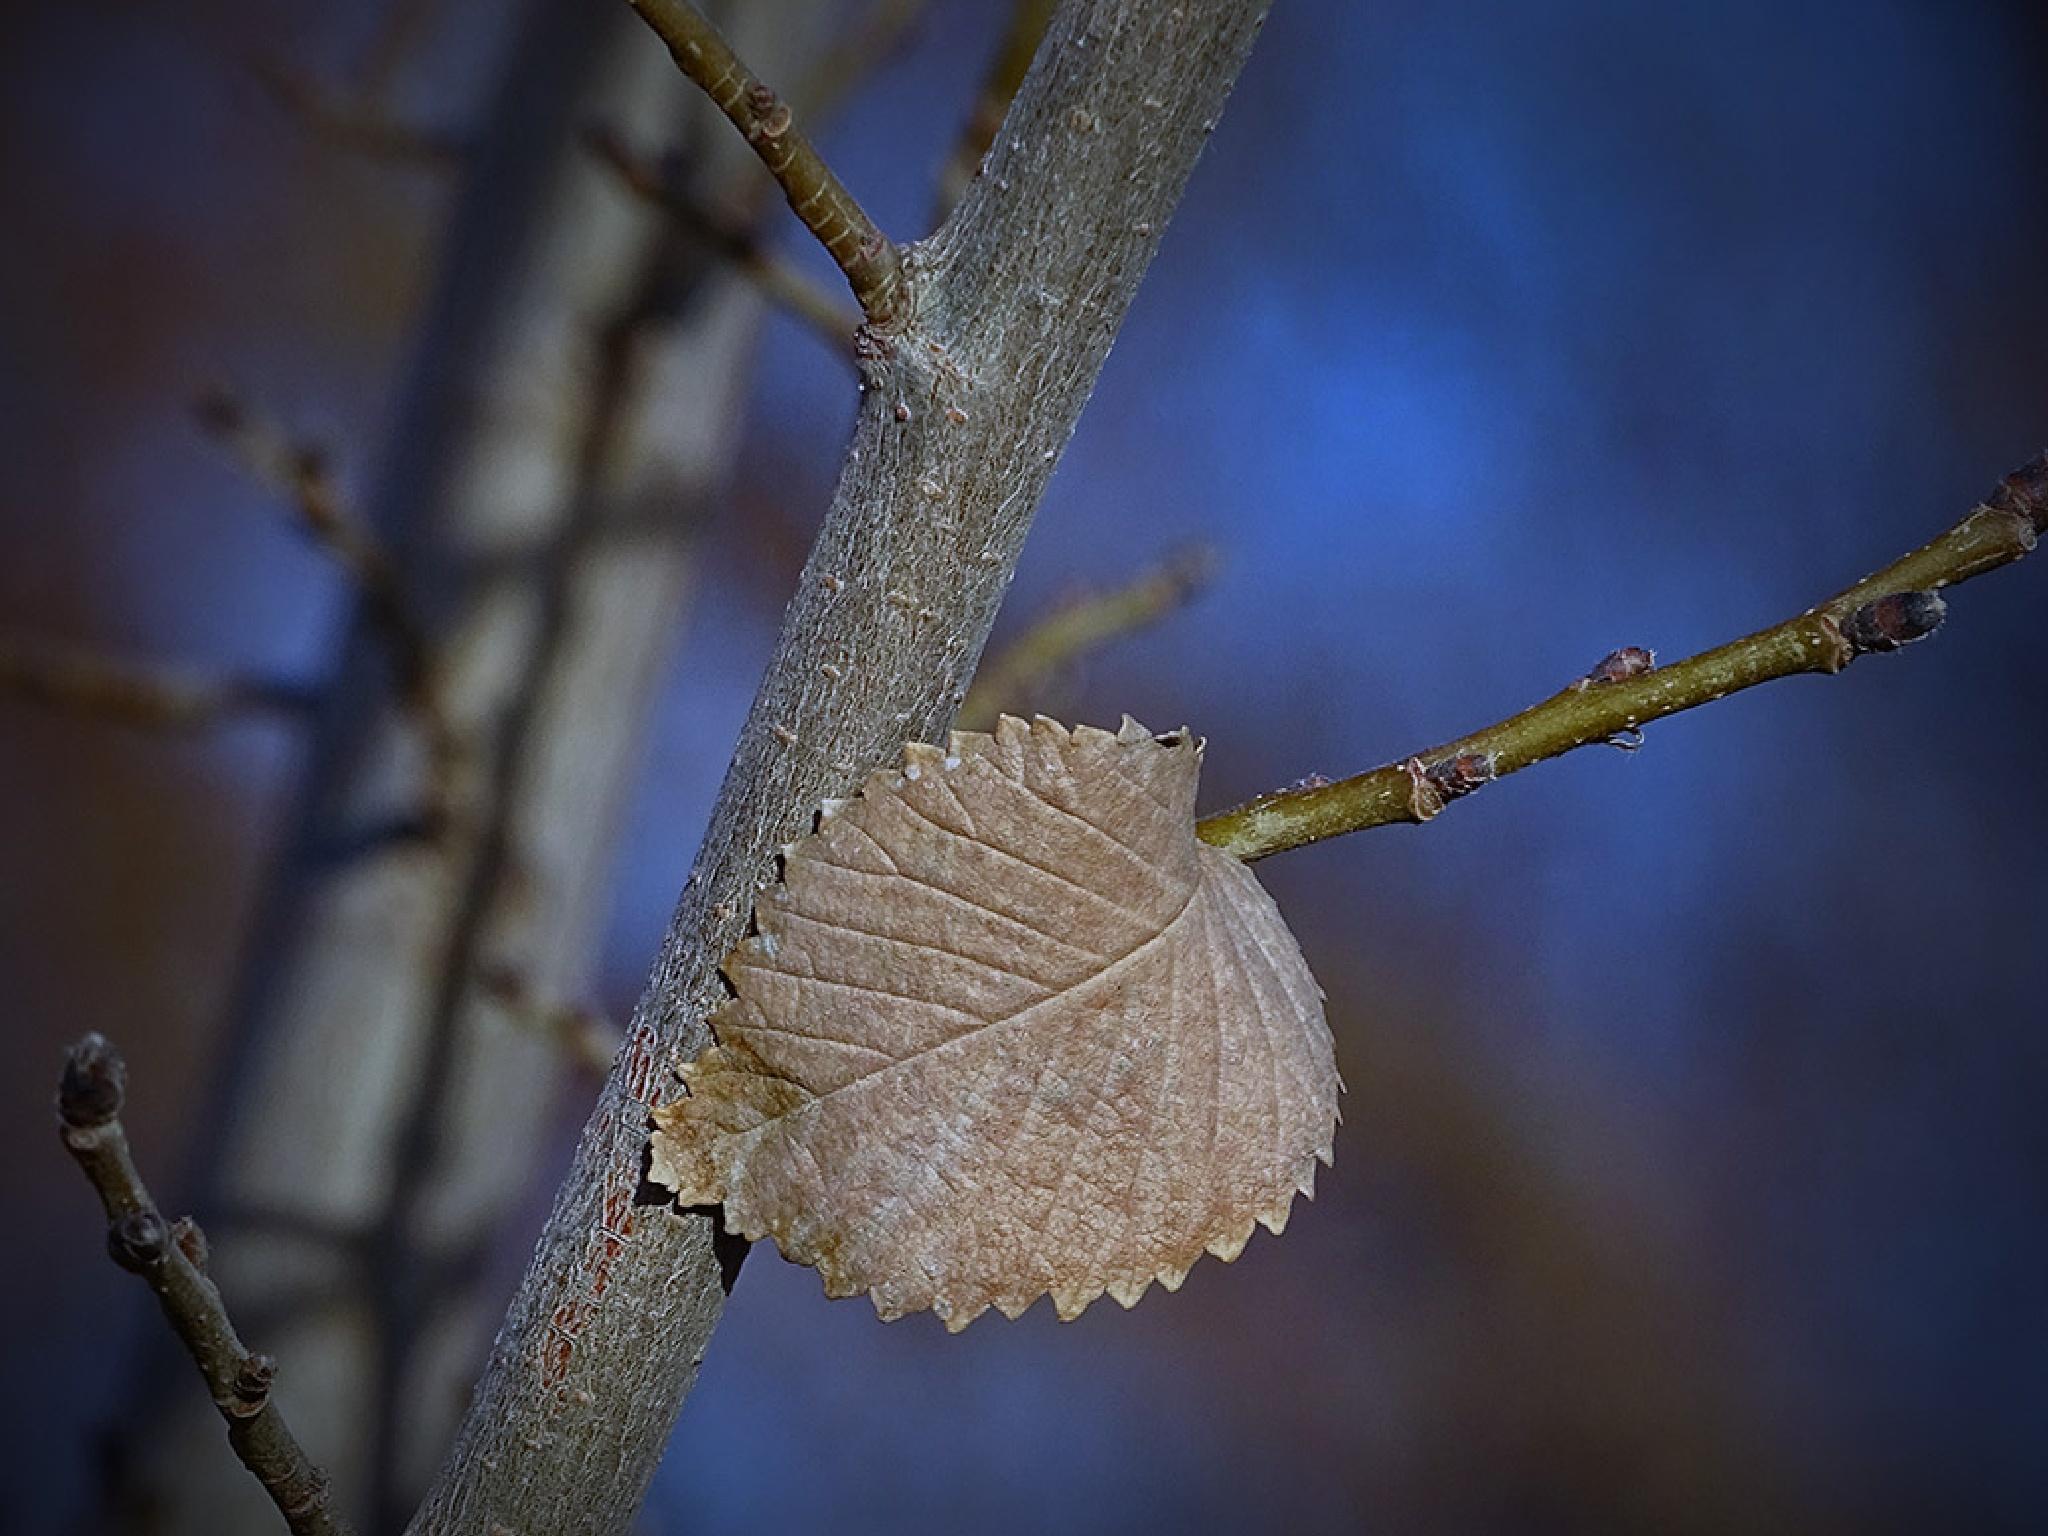 Leaf by maryam 4